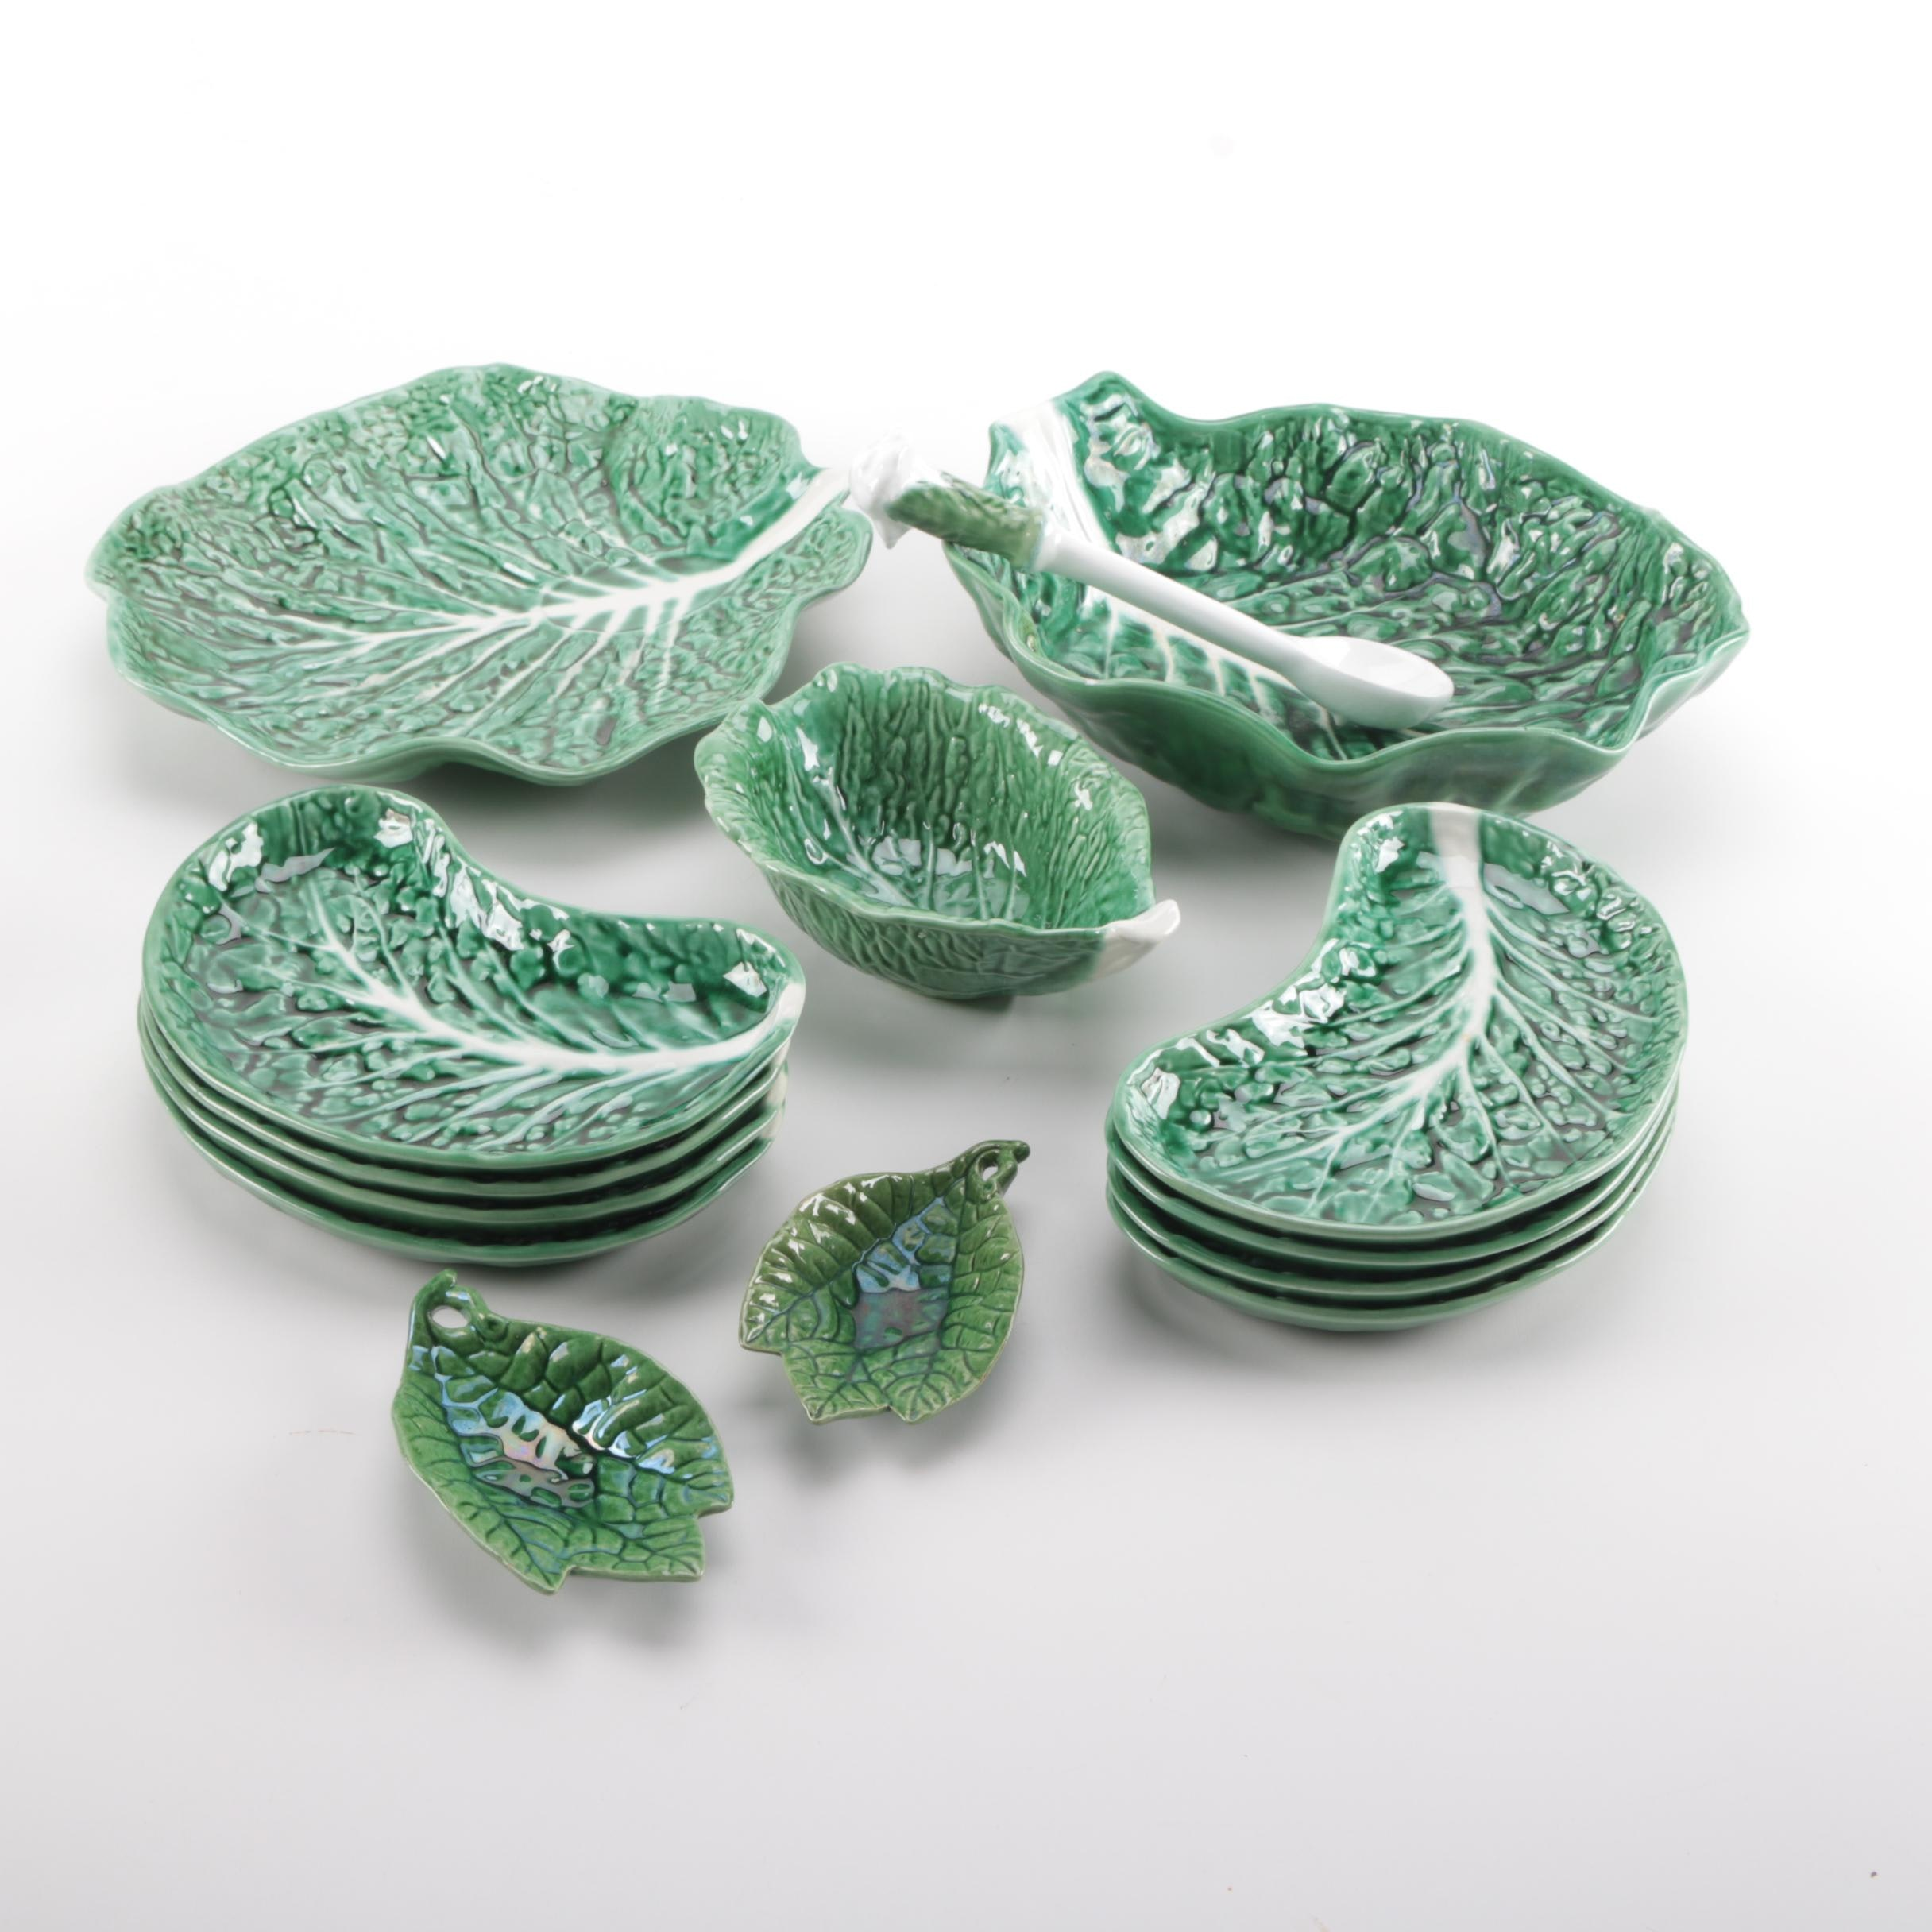 Majolica Style Ceramic Serveware Including Portuguese